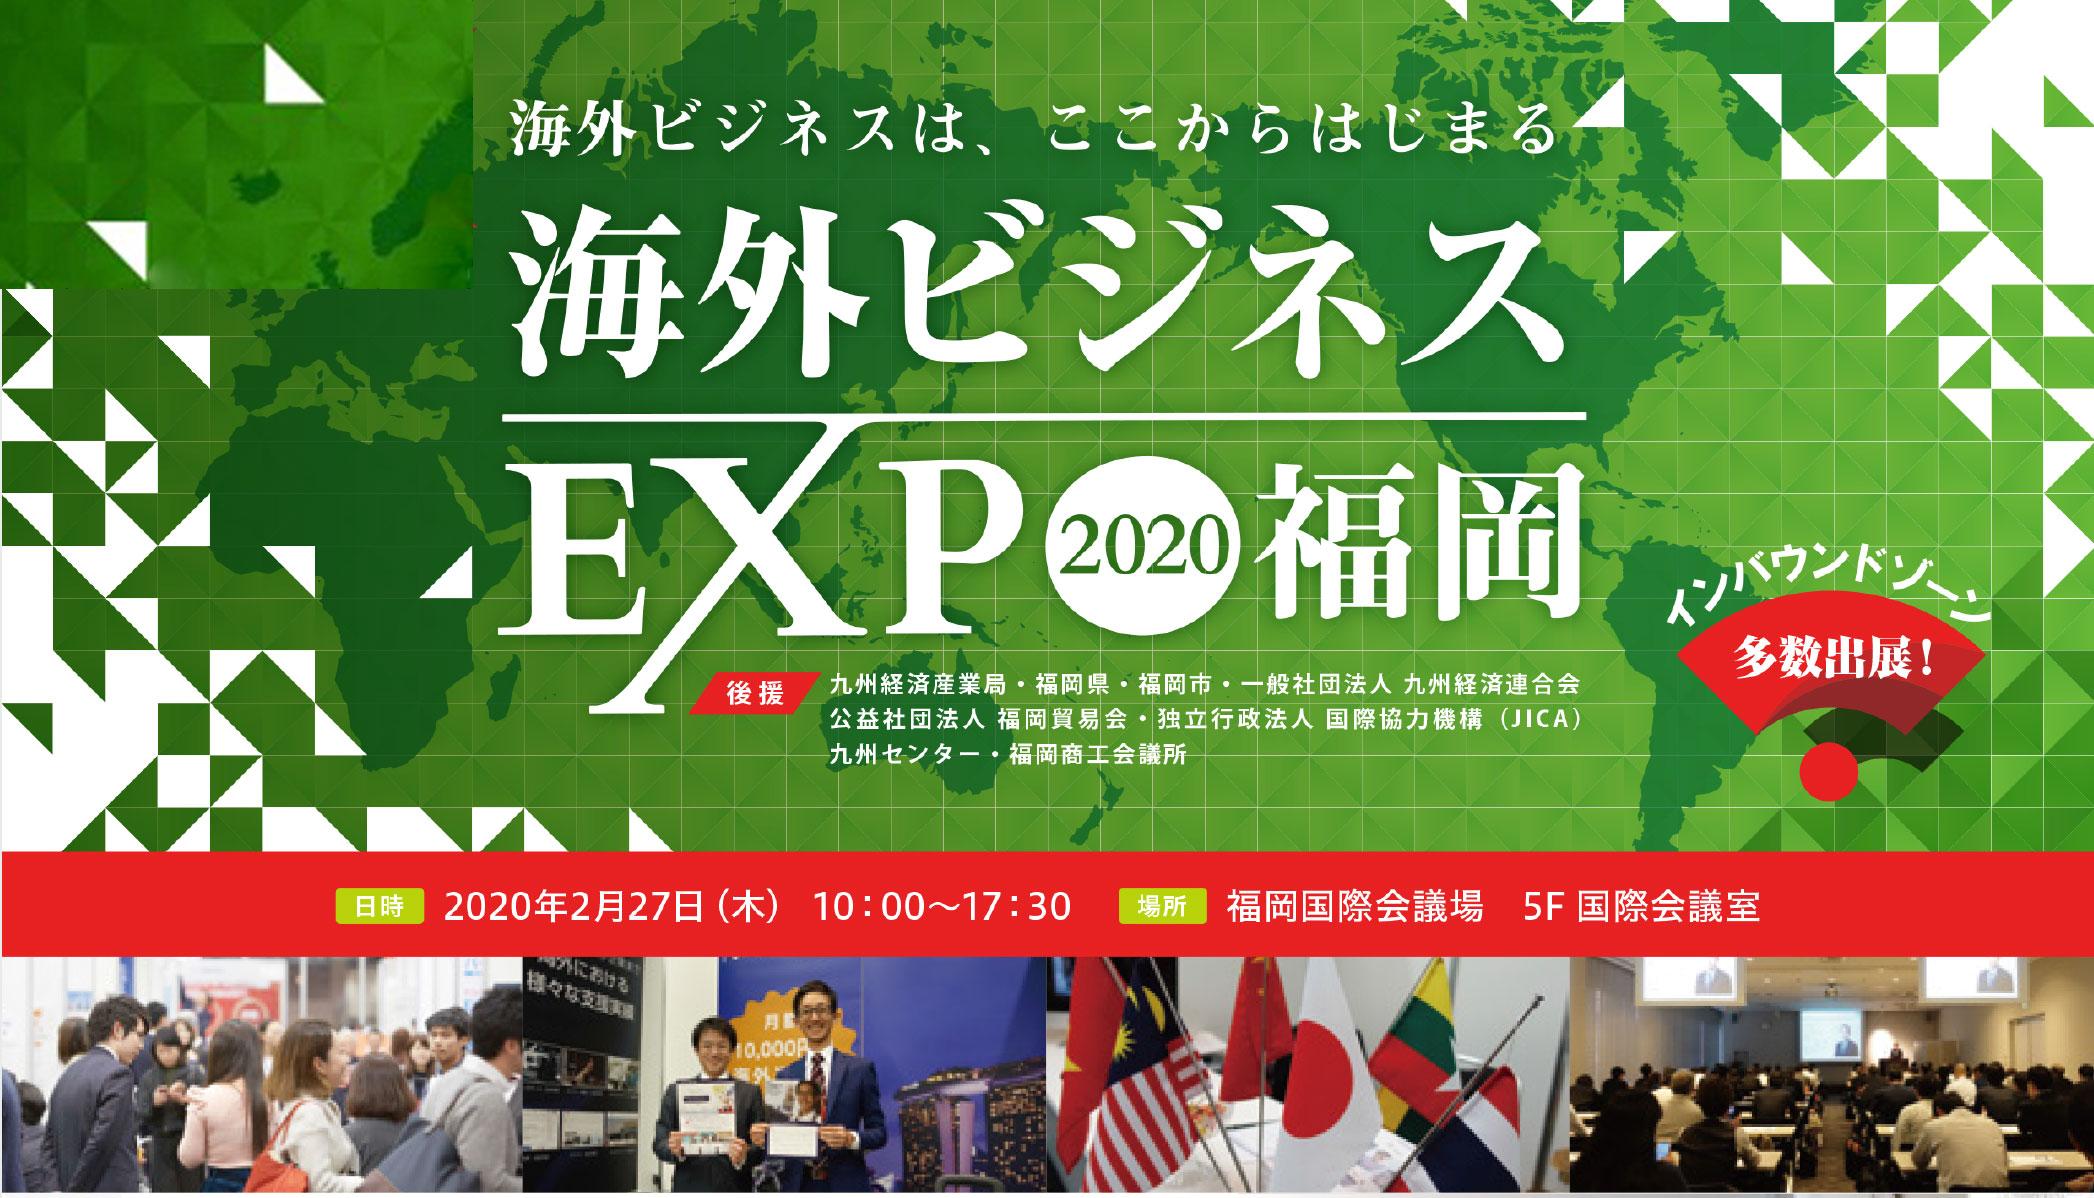 【海外ビジネス無料セミナー@EXPO福岡】越境ECで販路拡大!海外マーケットの比較とPayoneerについて